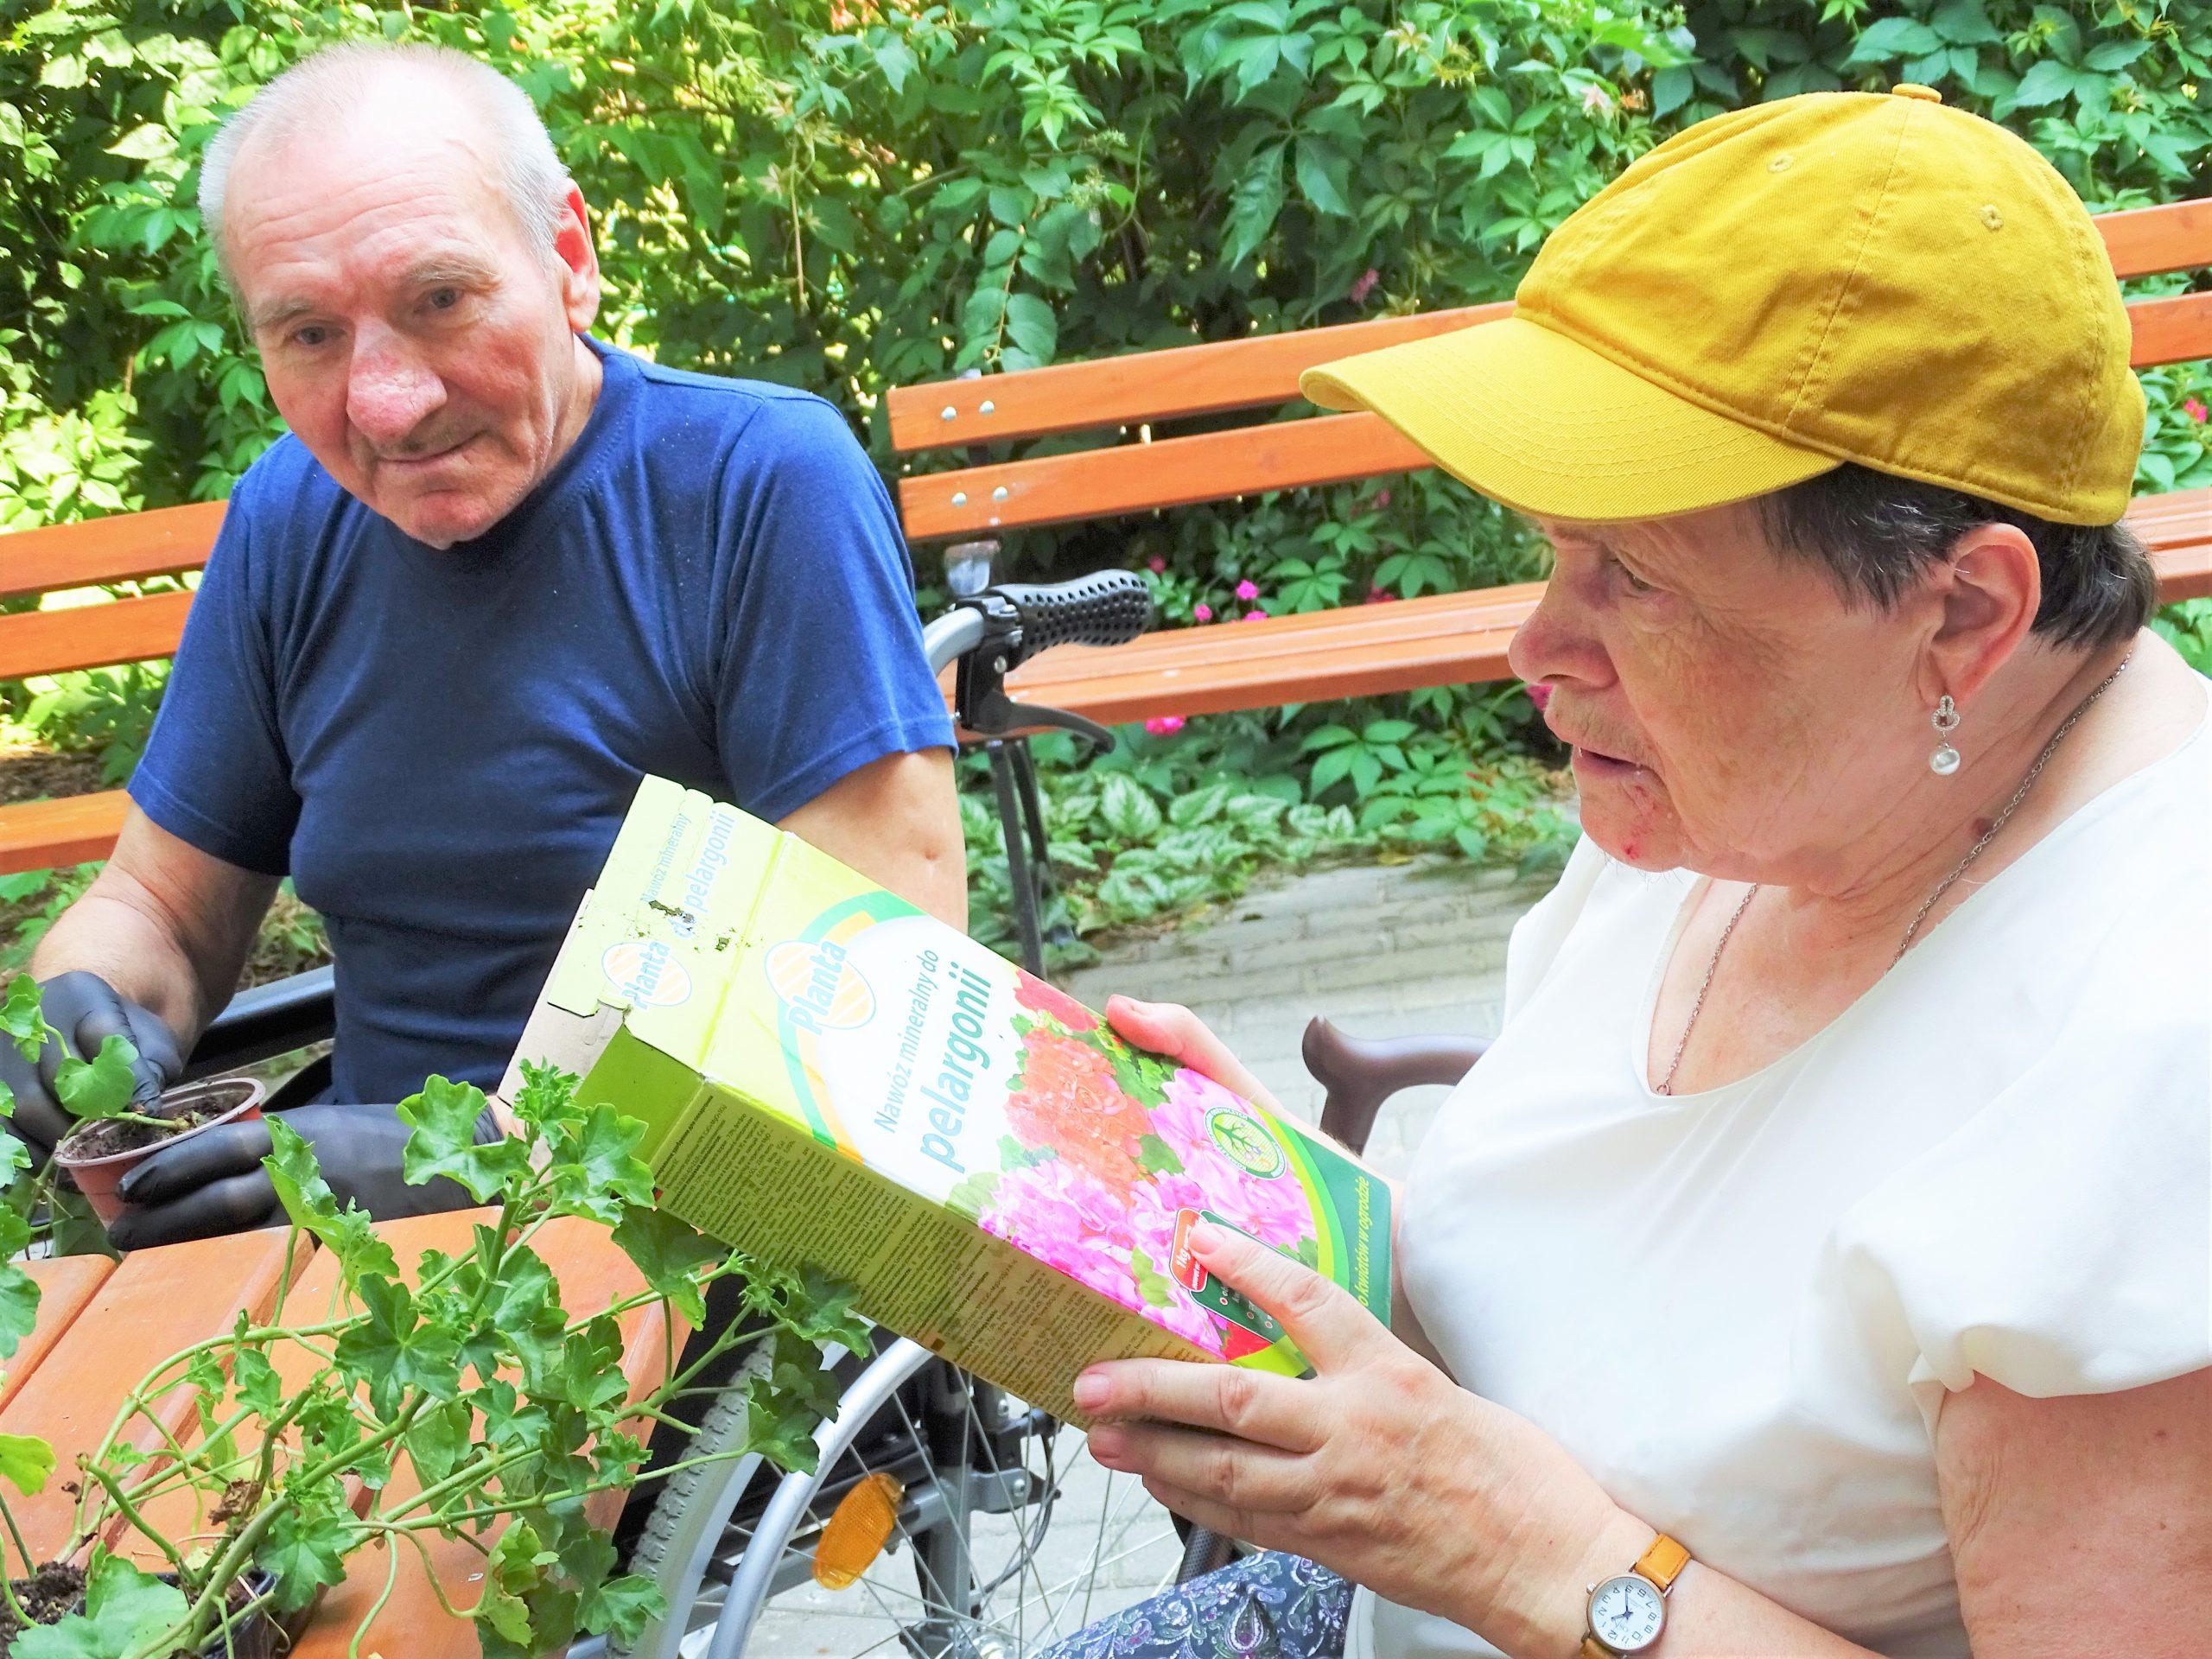 Kobieta i mężczyzna w ogrodzie sensorycznym pielęgnują kwiaty